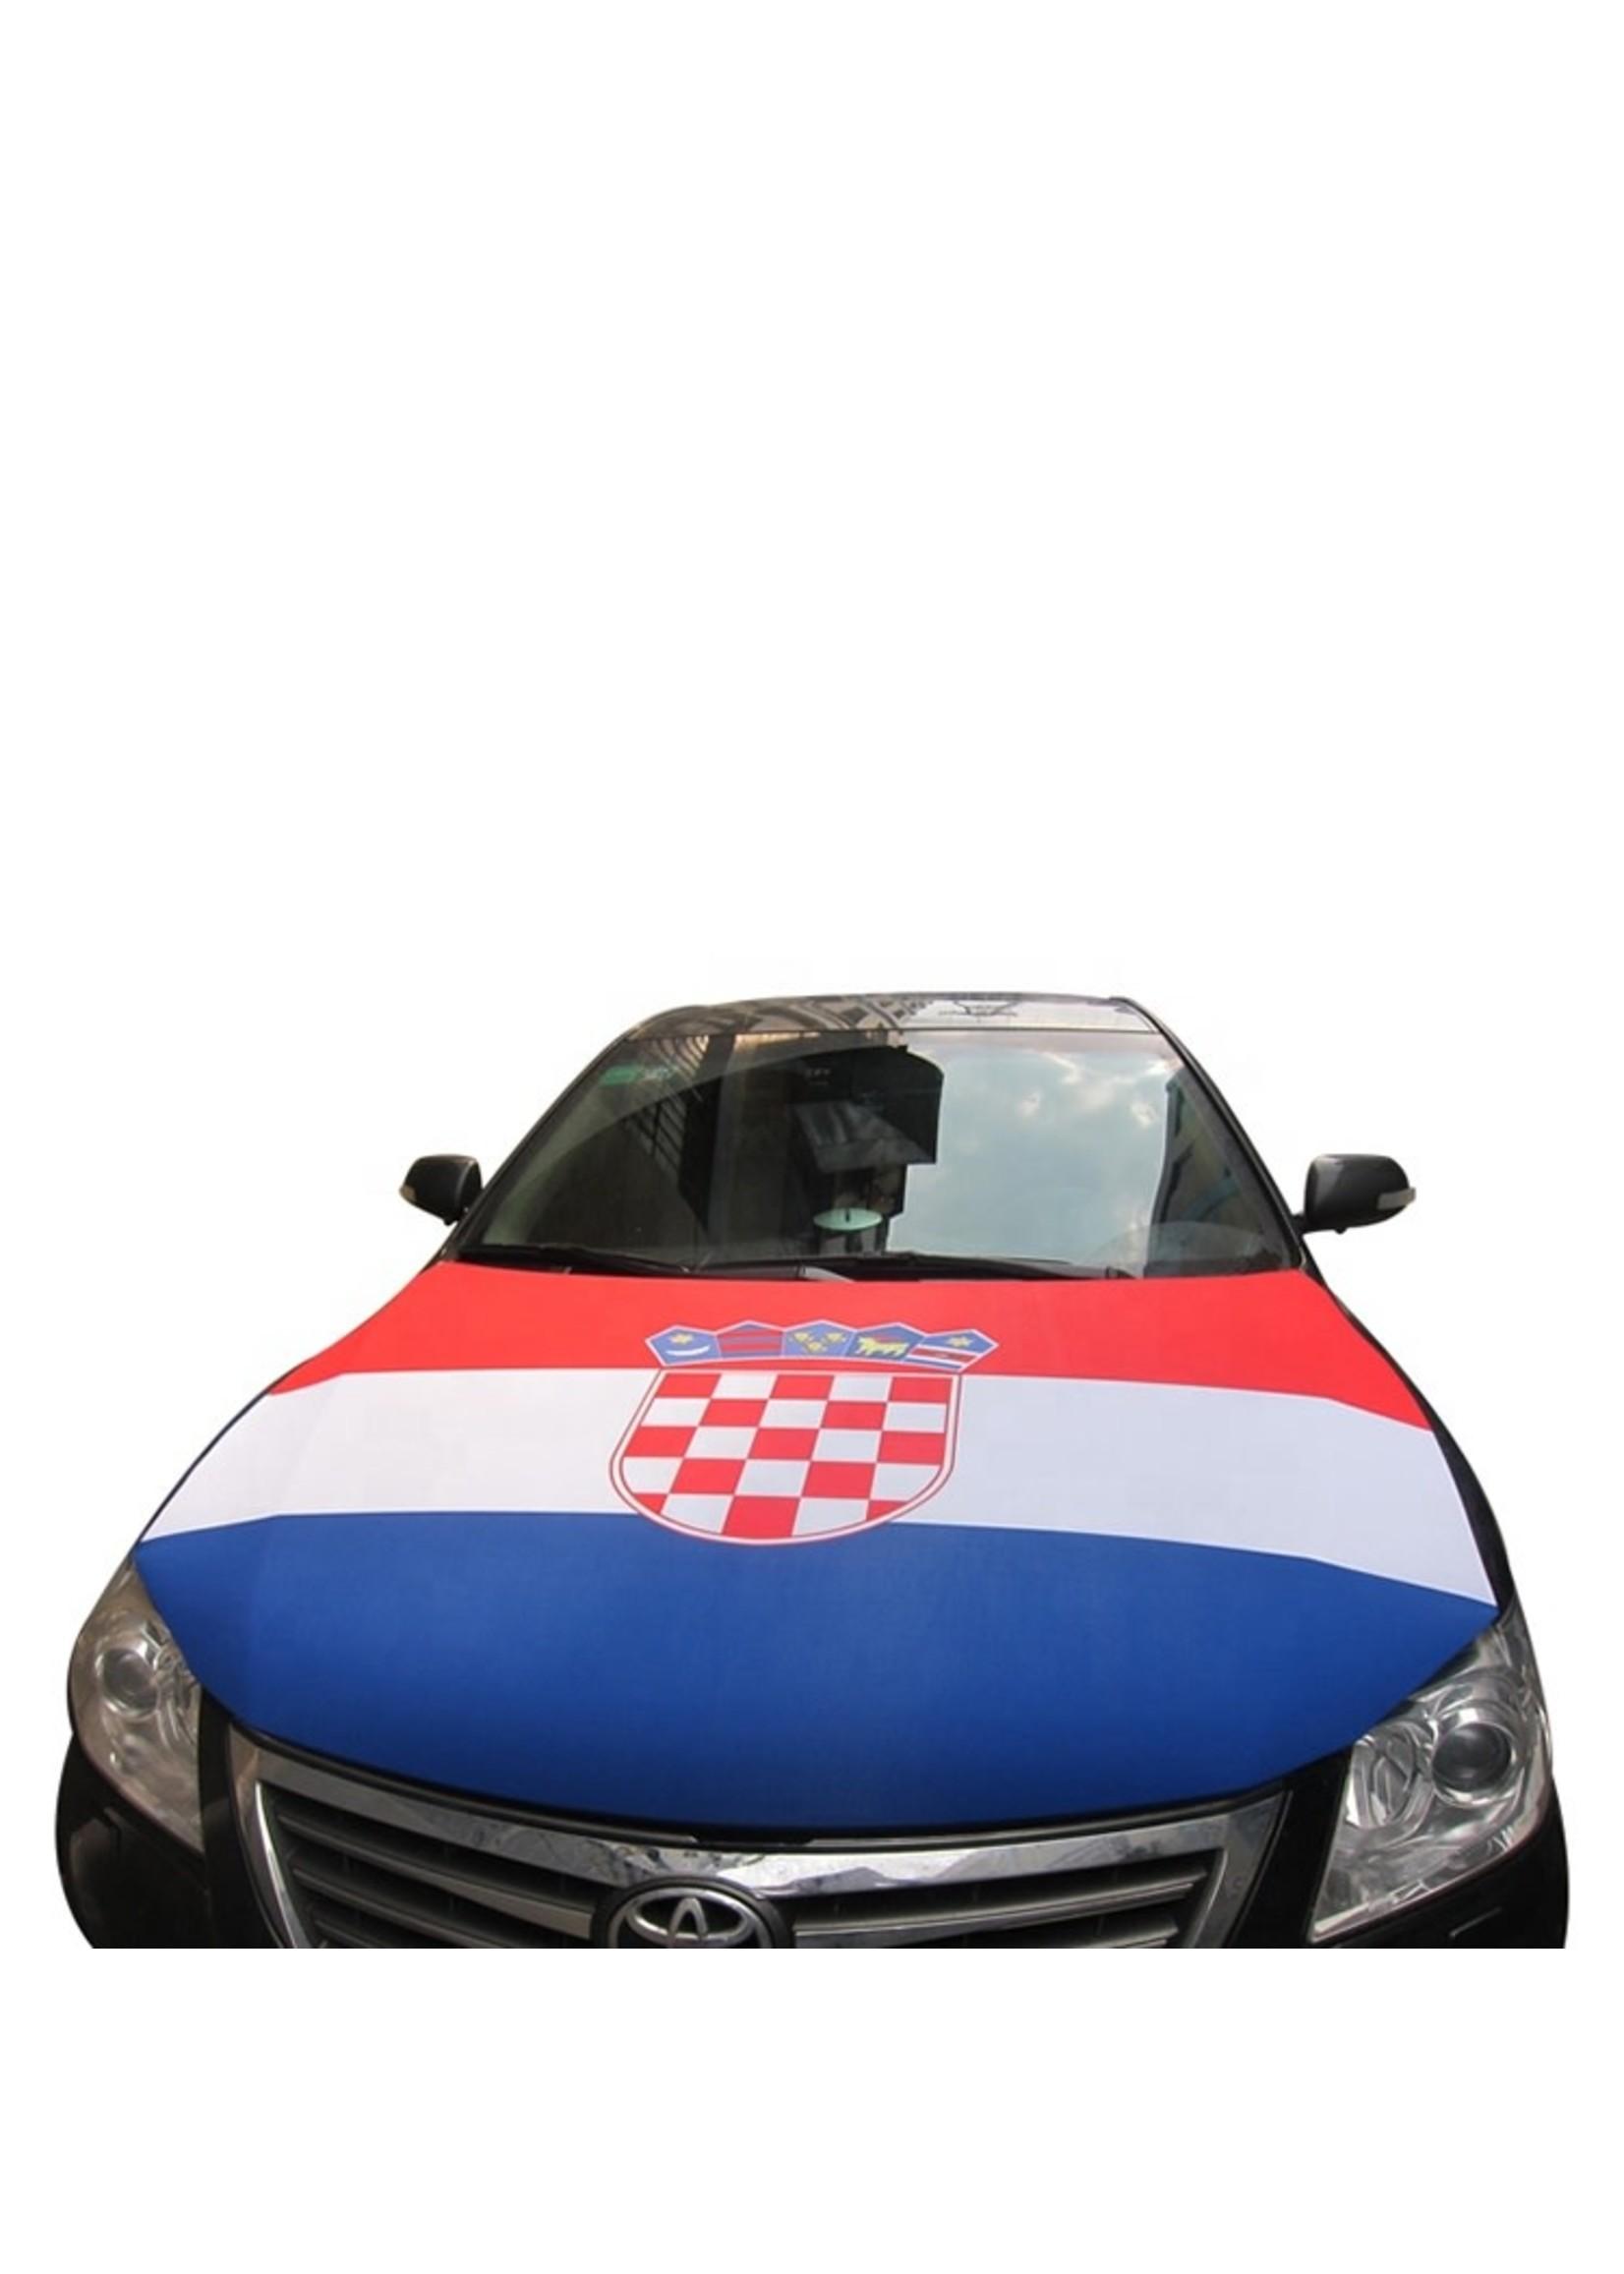 EURO 2020 CAR HOOD COVERS